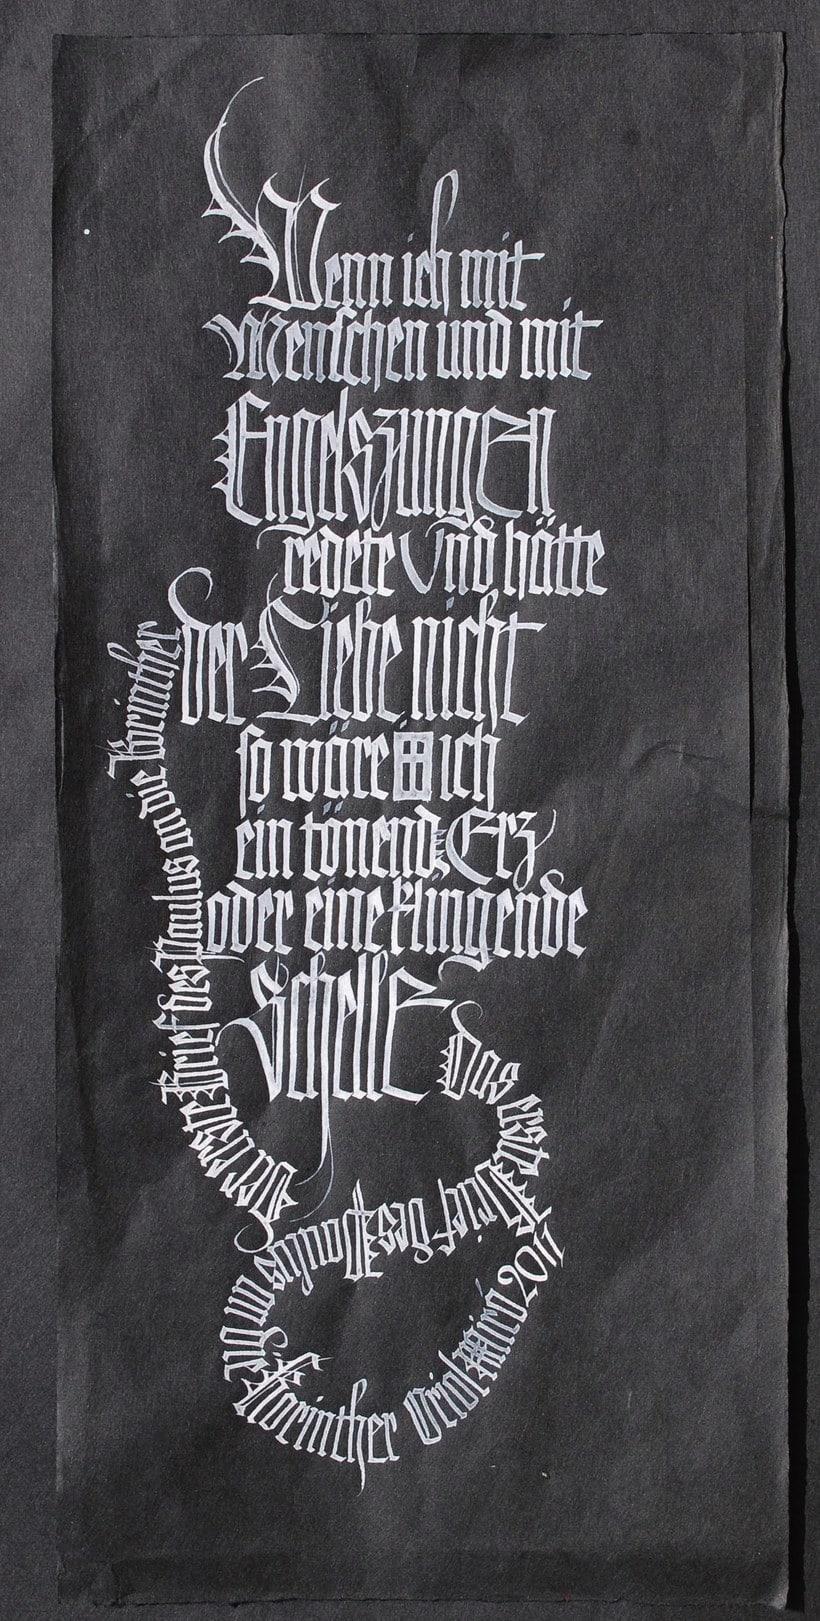 Caligrafiando con góticas potentes con Oriol Miró 17